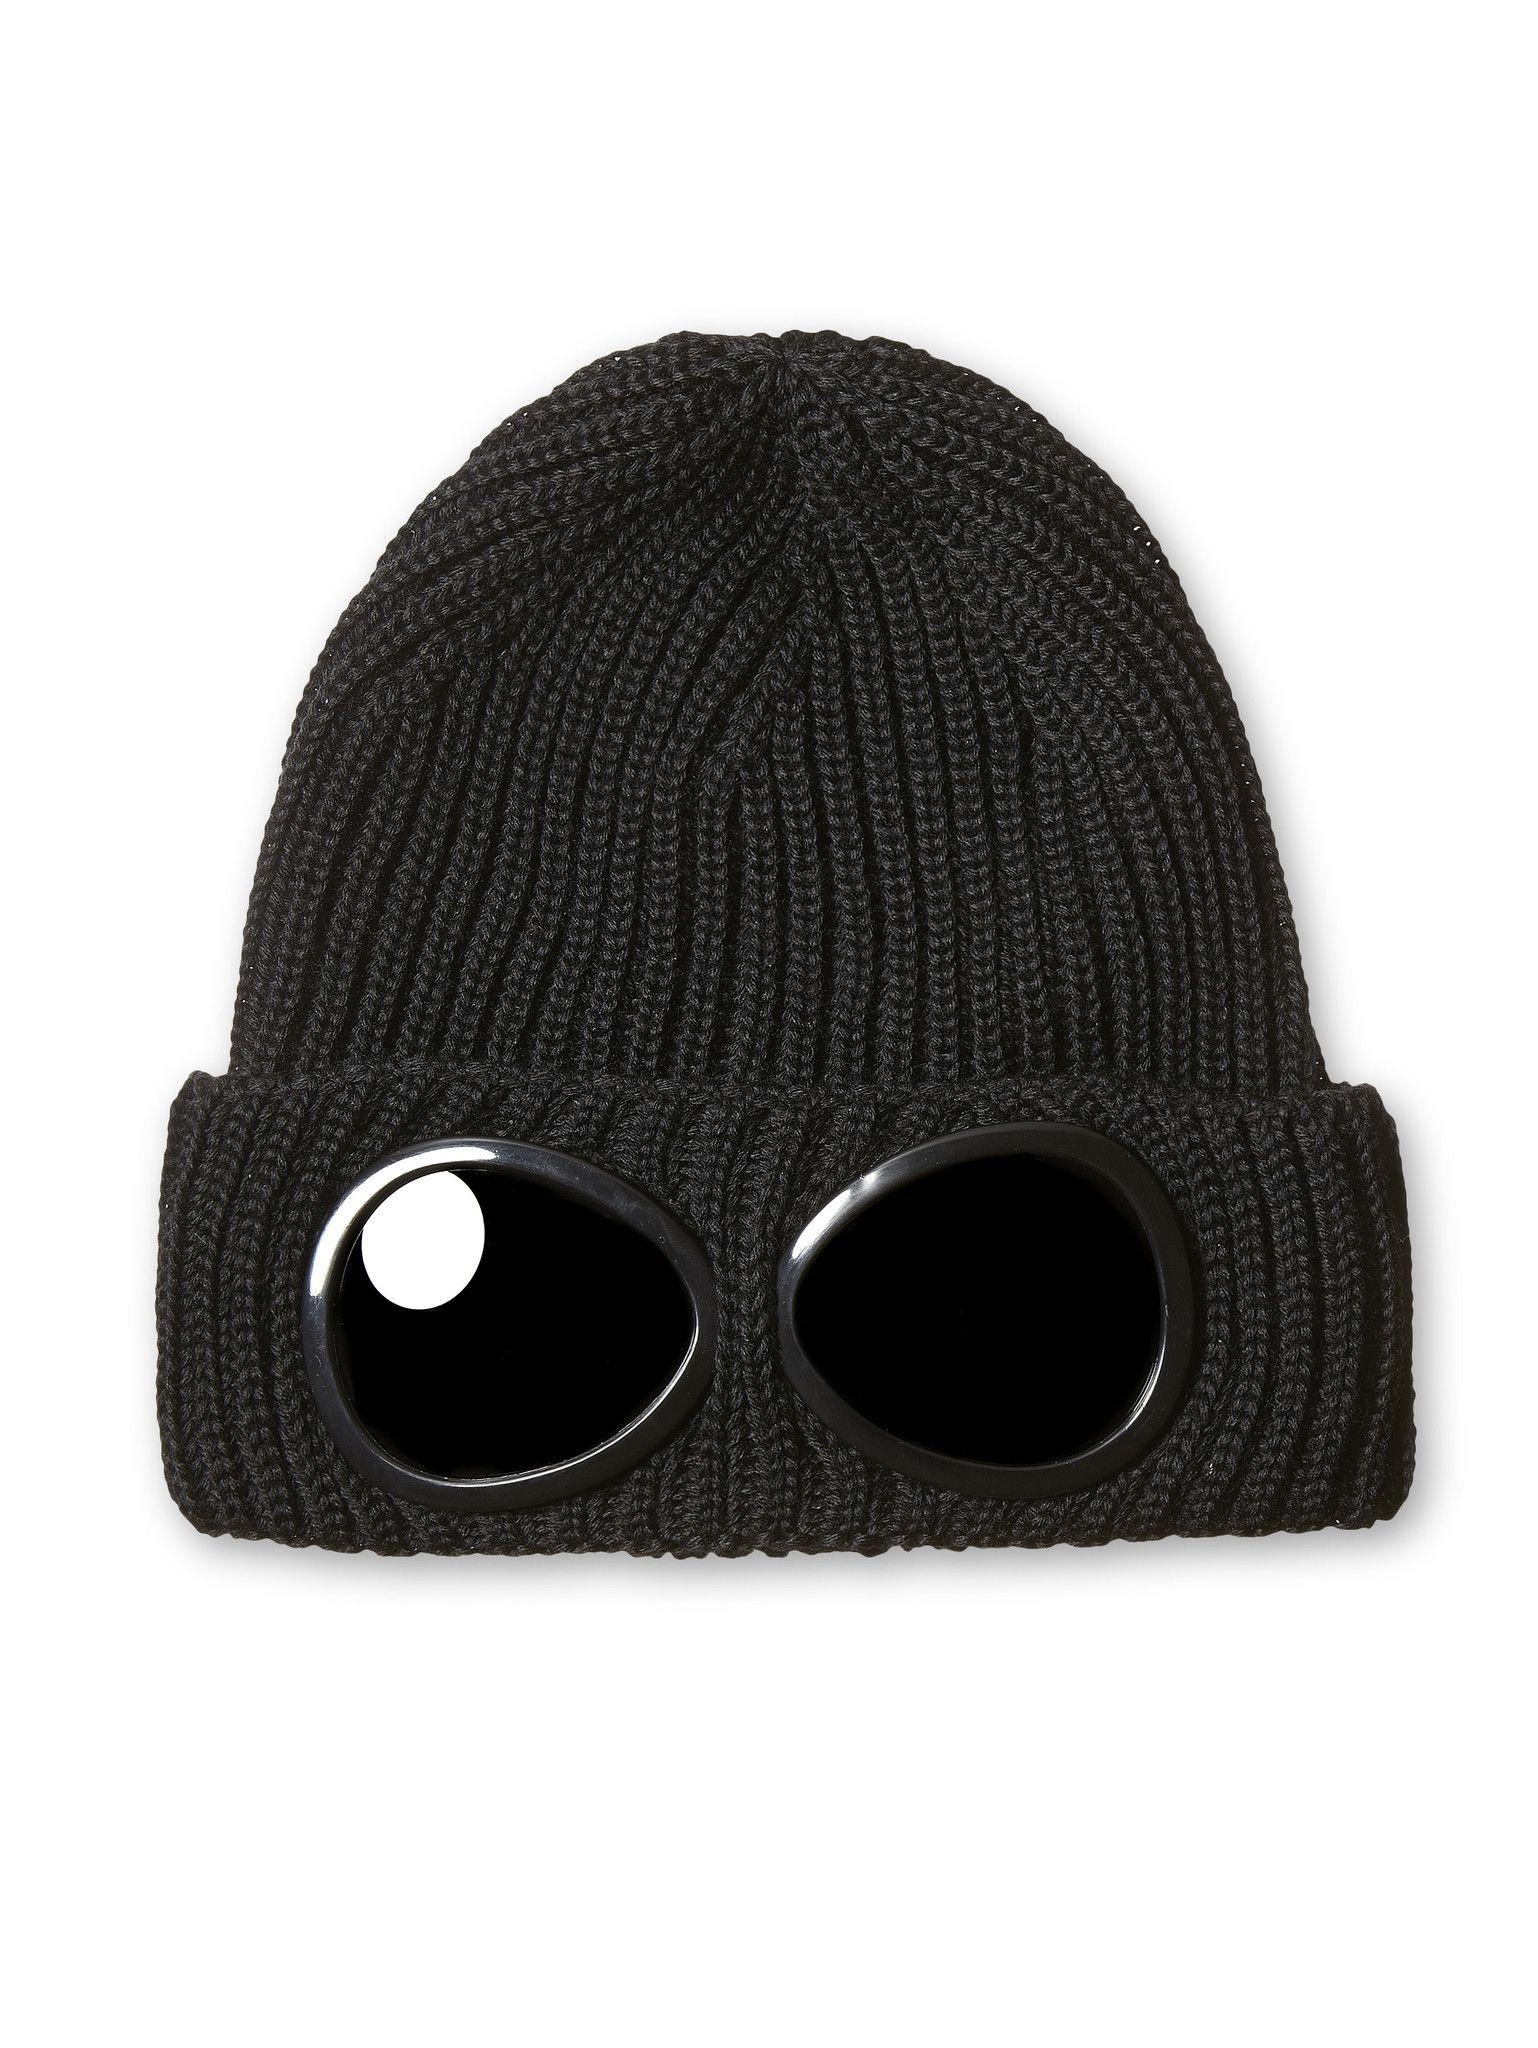 c473cbe40a9 C.P. Company Merino Wool Goggle Hat in Black